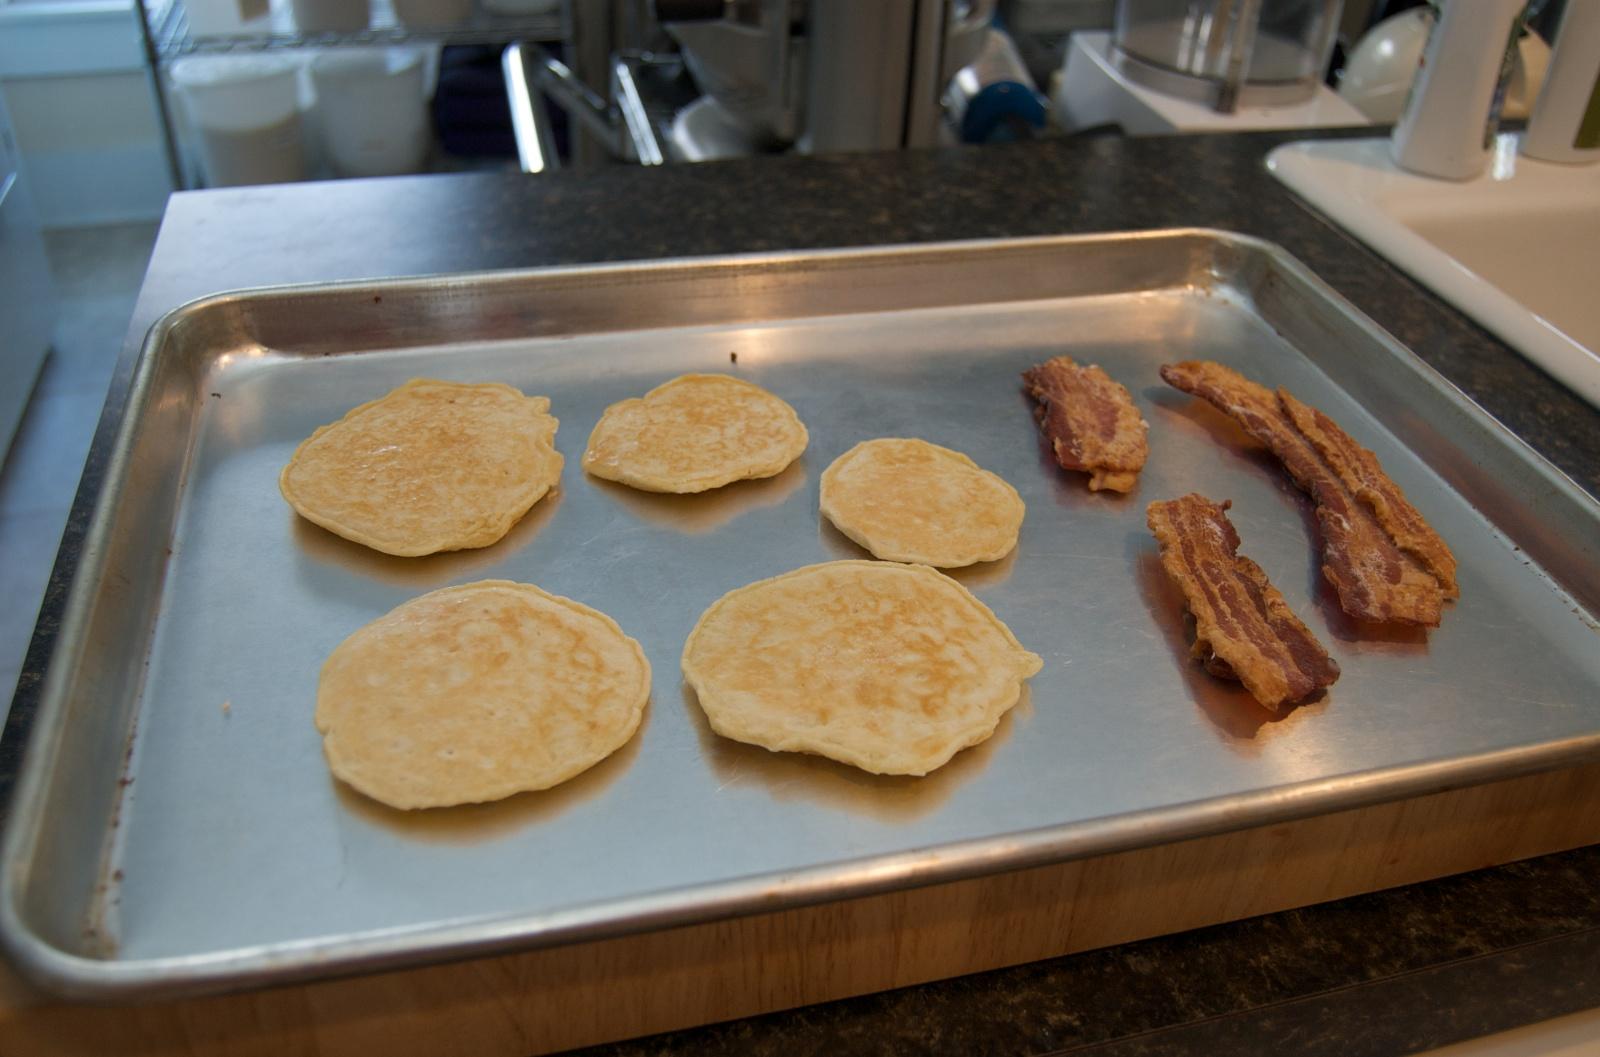 http://blog.rickk.com/food/2010/07/29/pancakes3.jpg